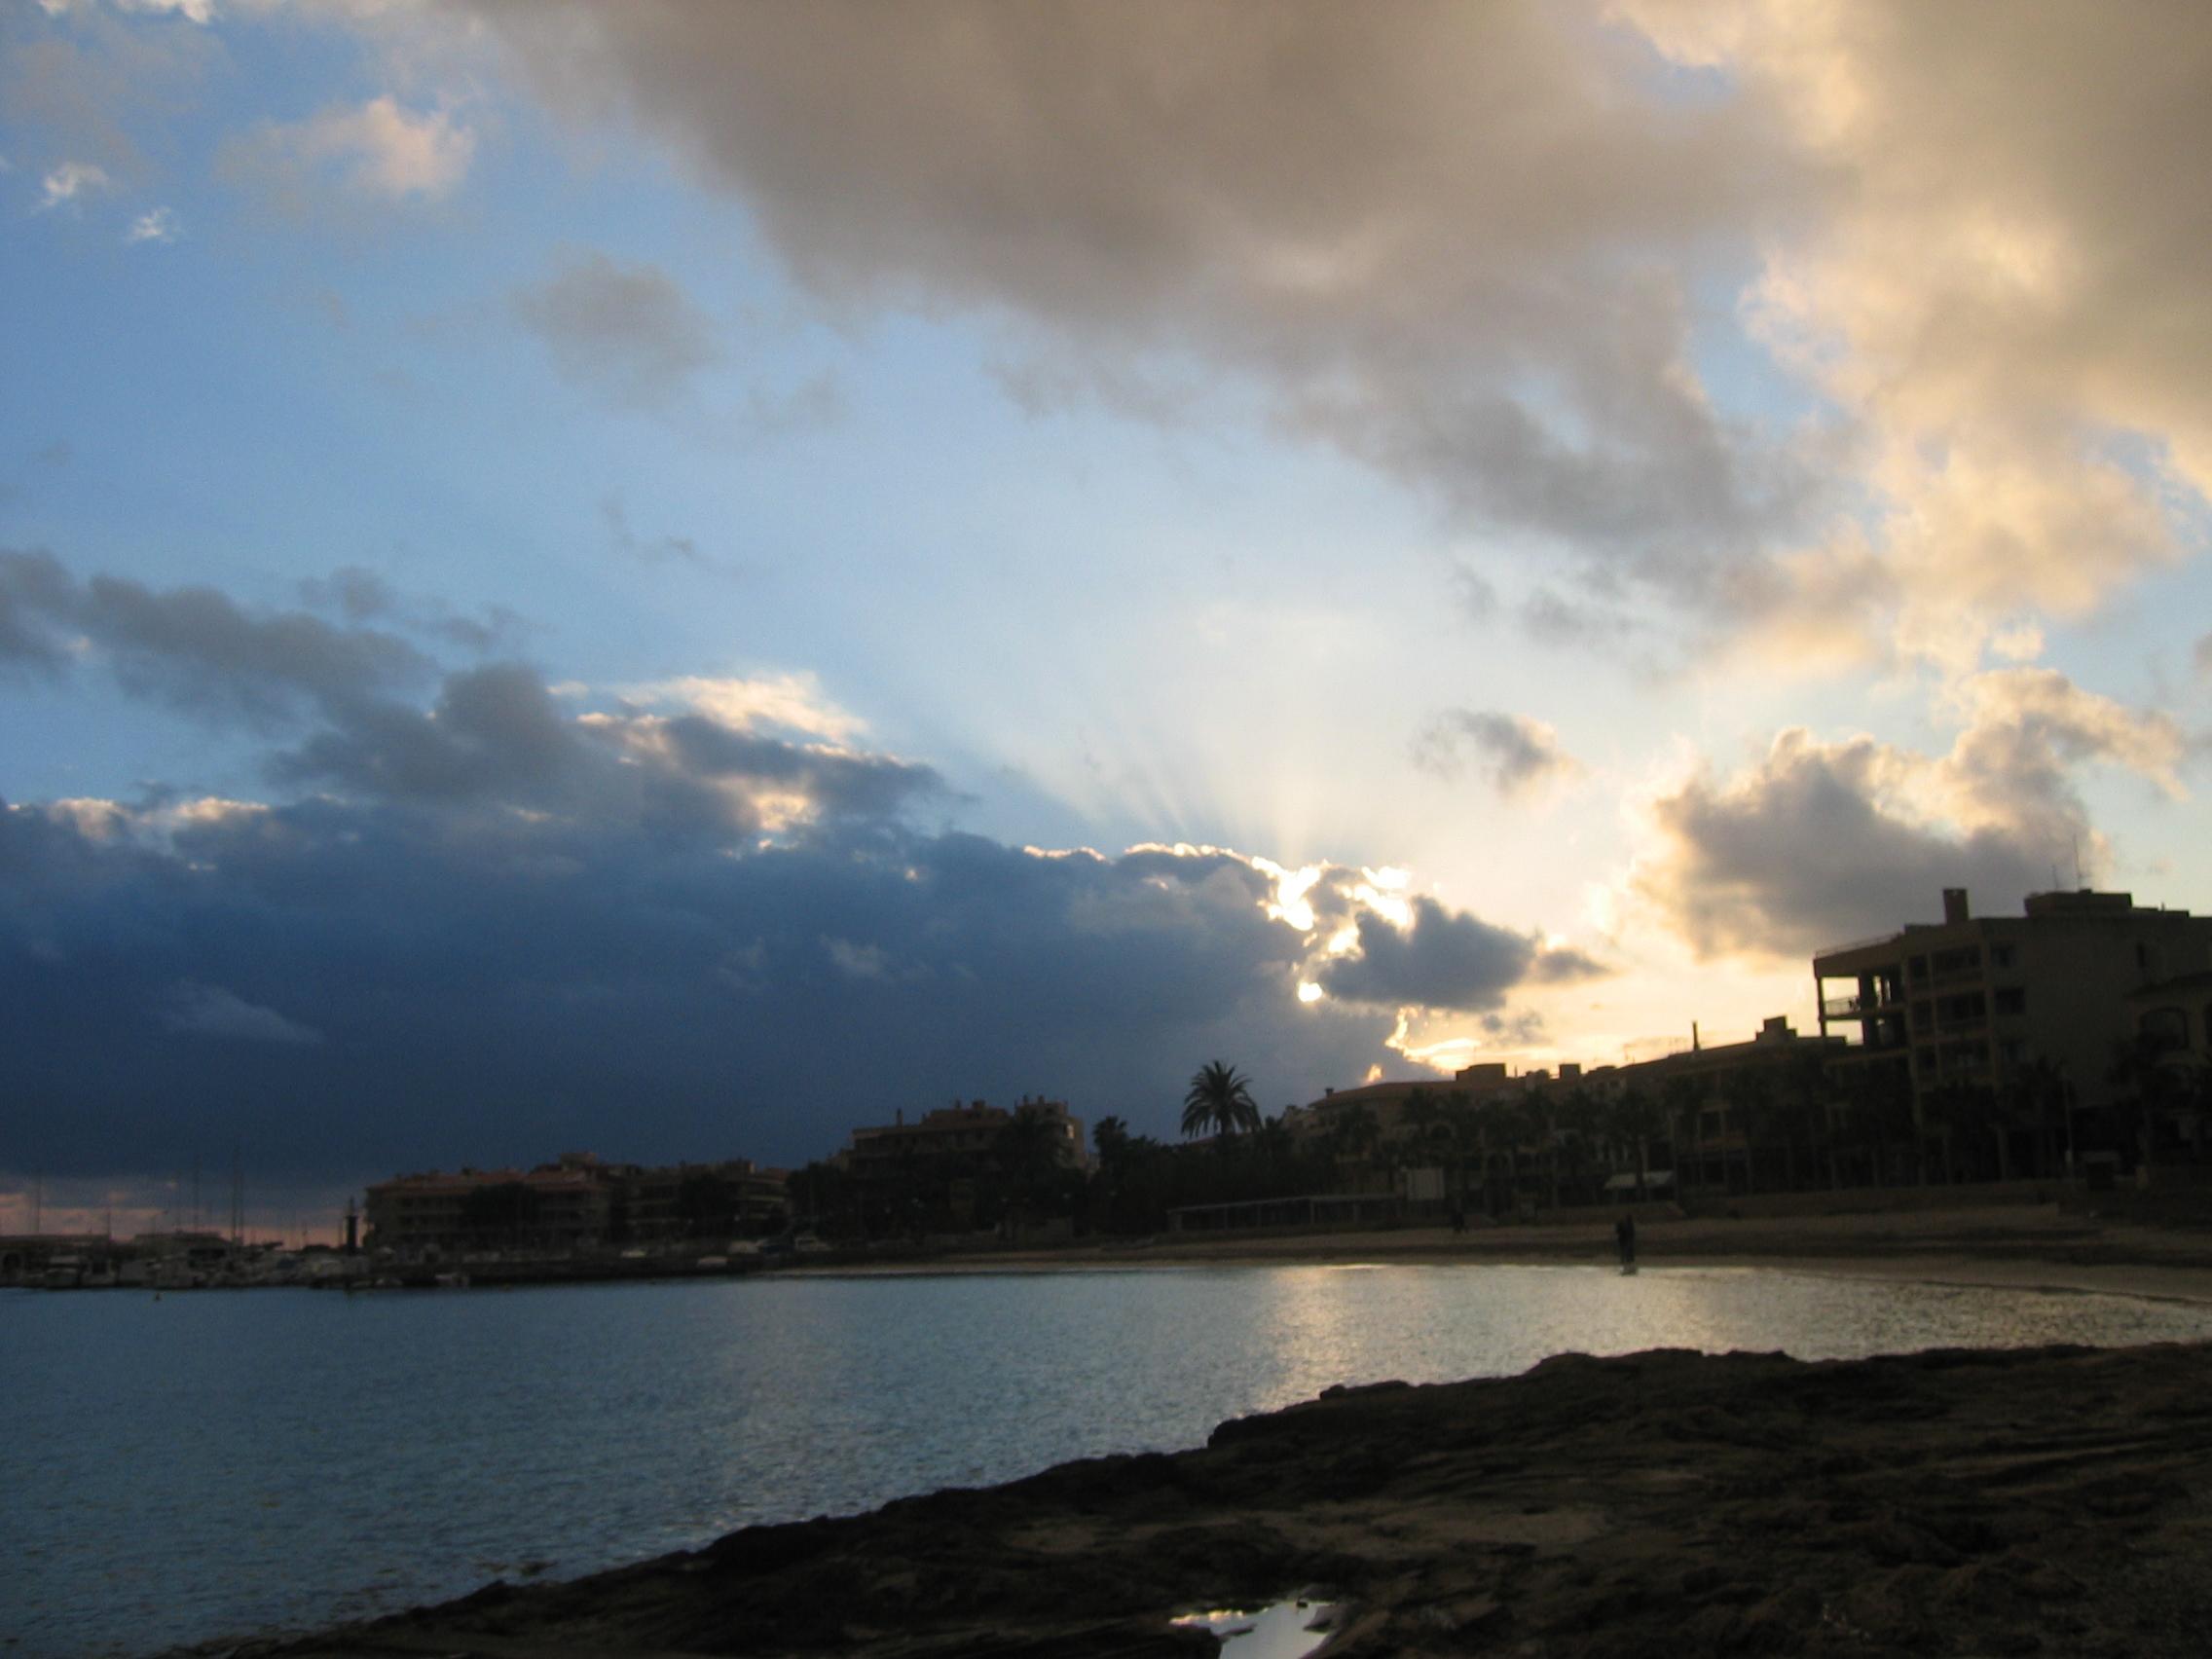 Playa Es Marques / Ses Estanques